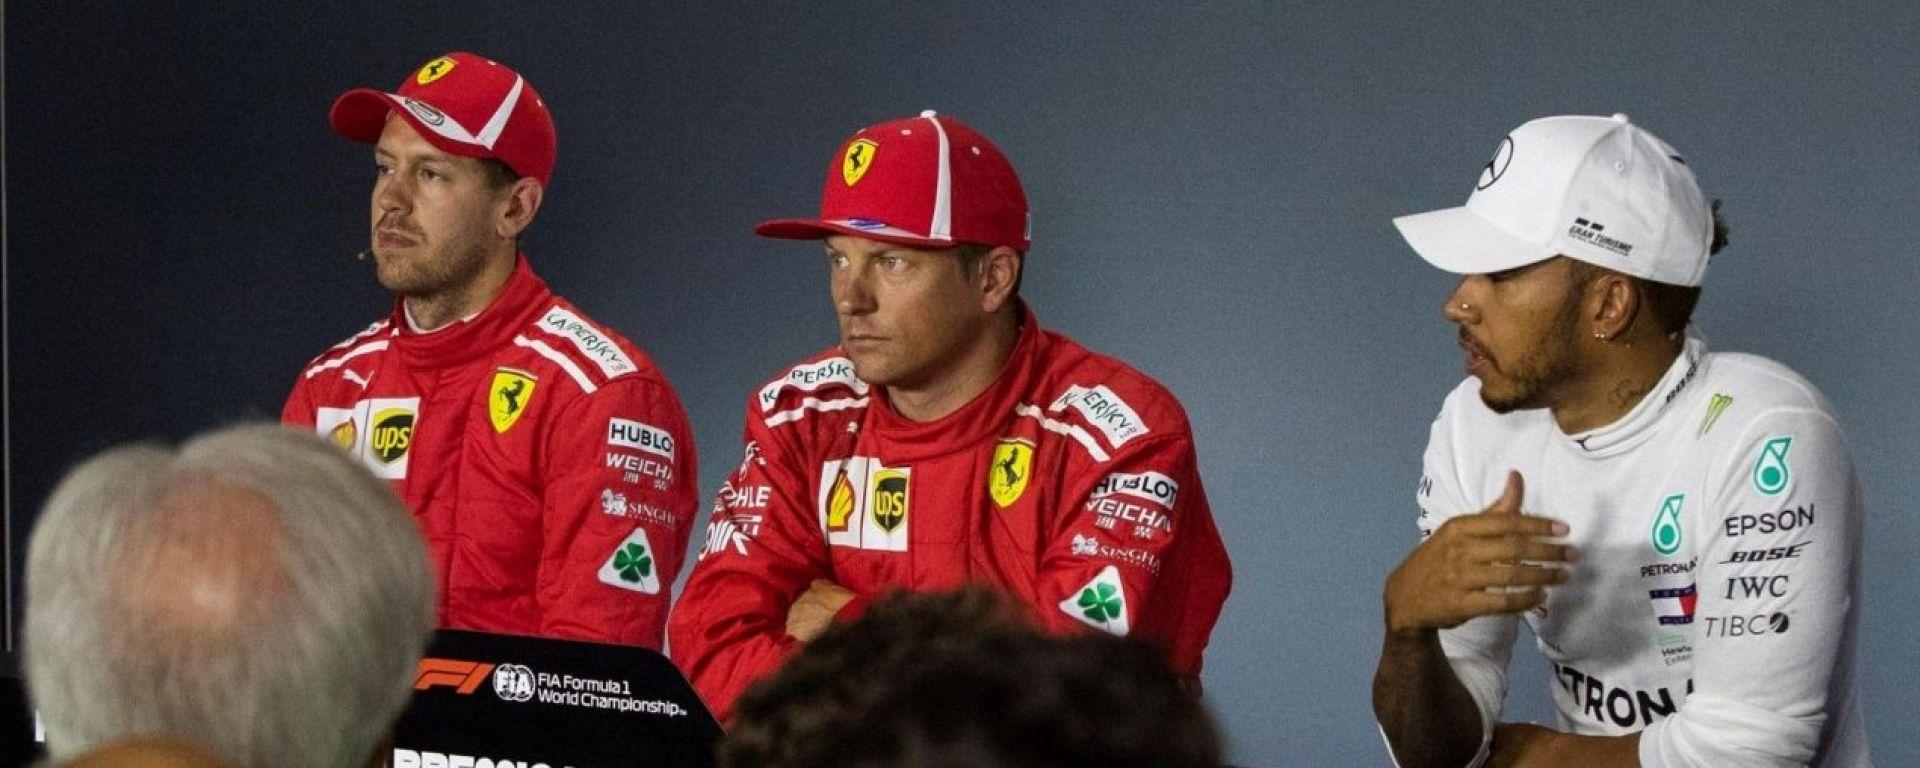 Ferrari incapace di gestire i piloti. Addio Mondiale